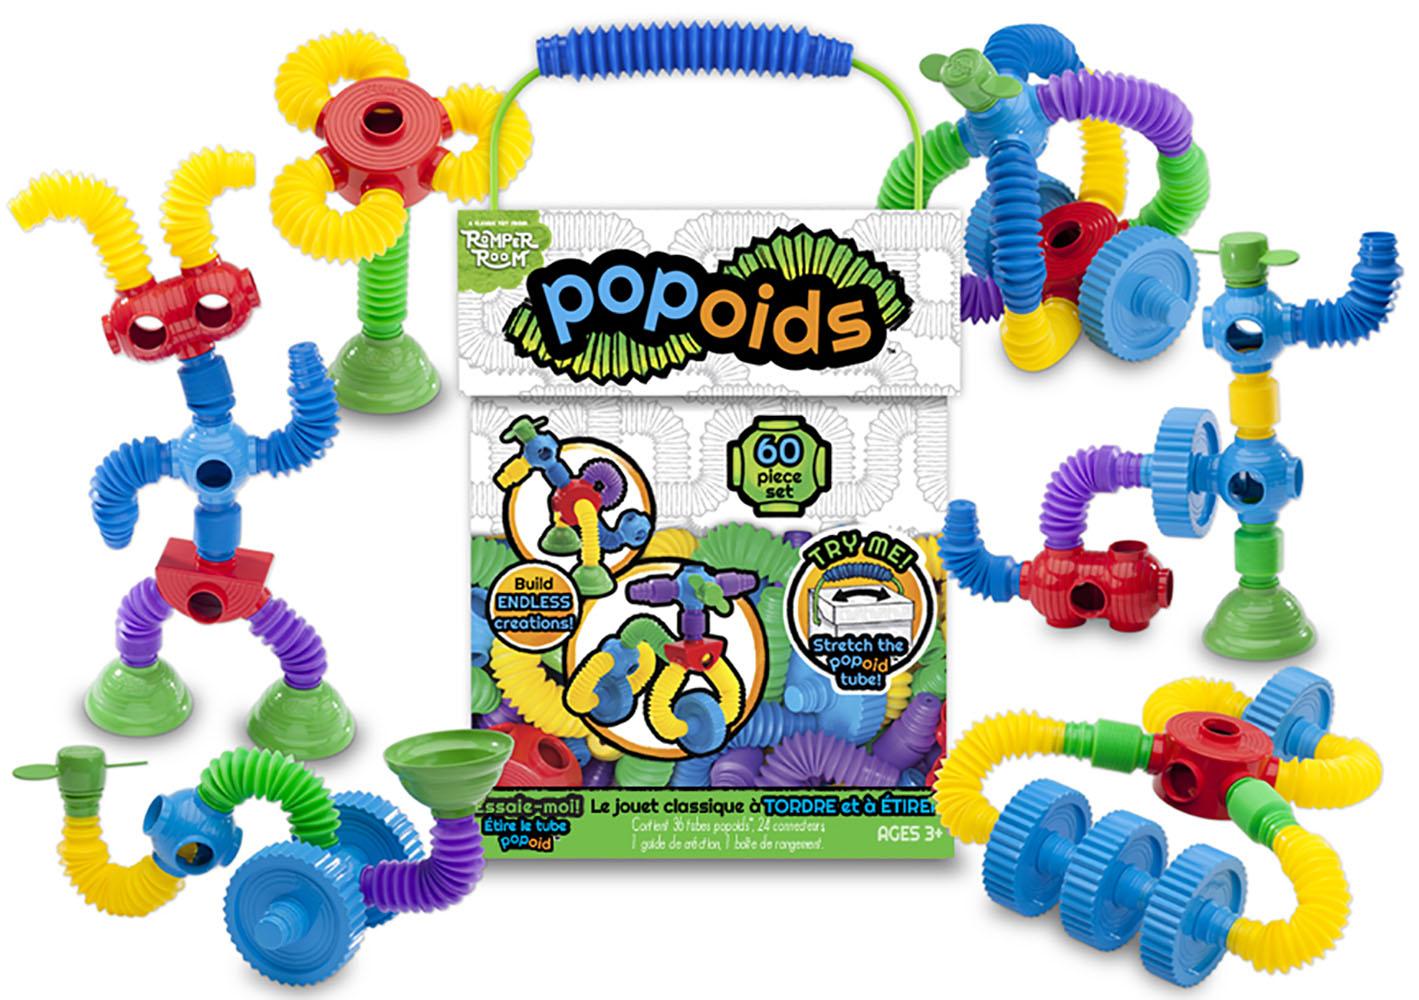 Popoids 60 pièces